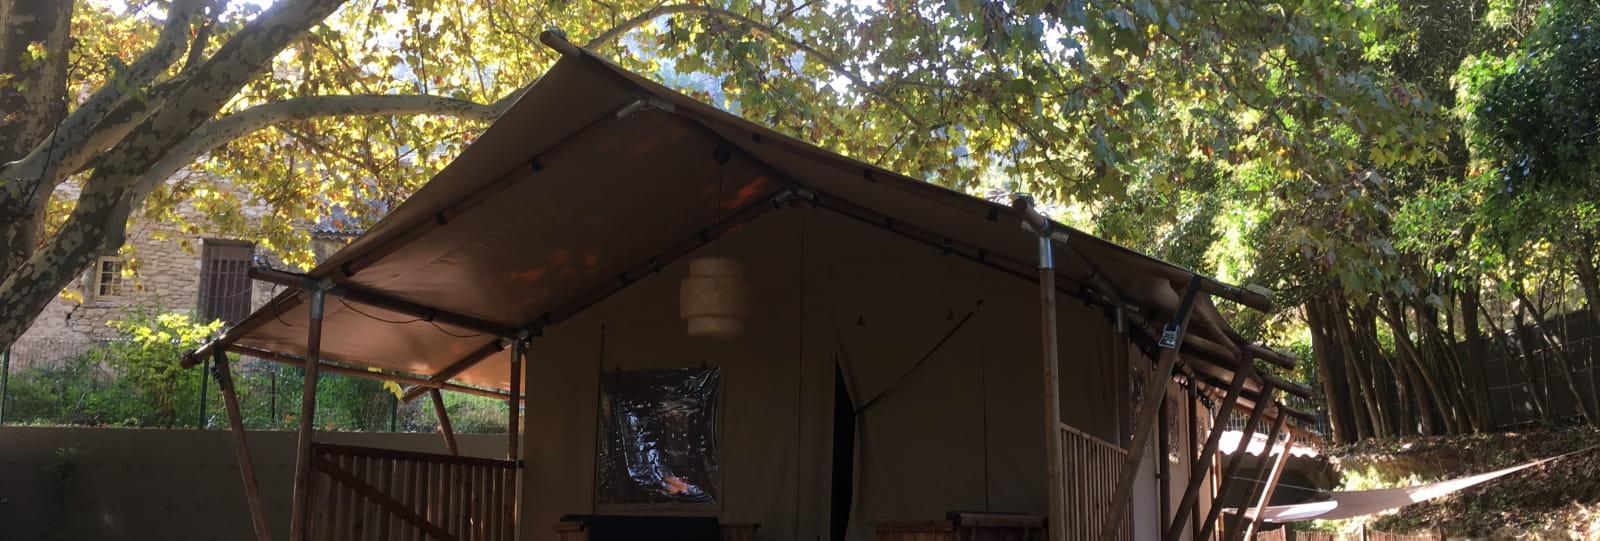 Hôtel de plein air Suze Luxe Nature (Camping, Lodges, Cabanes, Insolites, Spas et Restaurant)